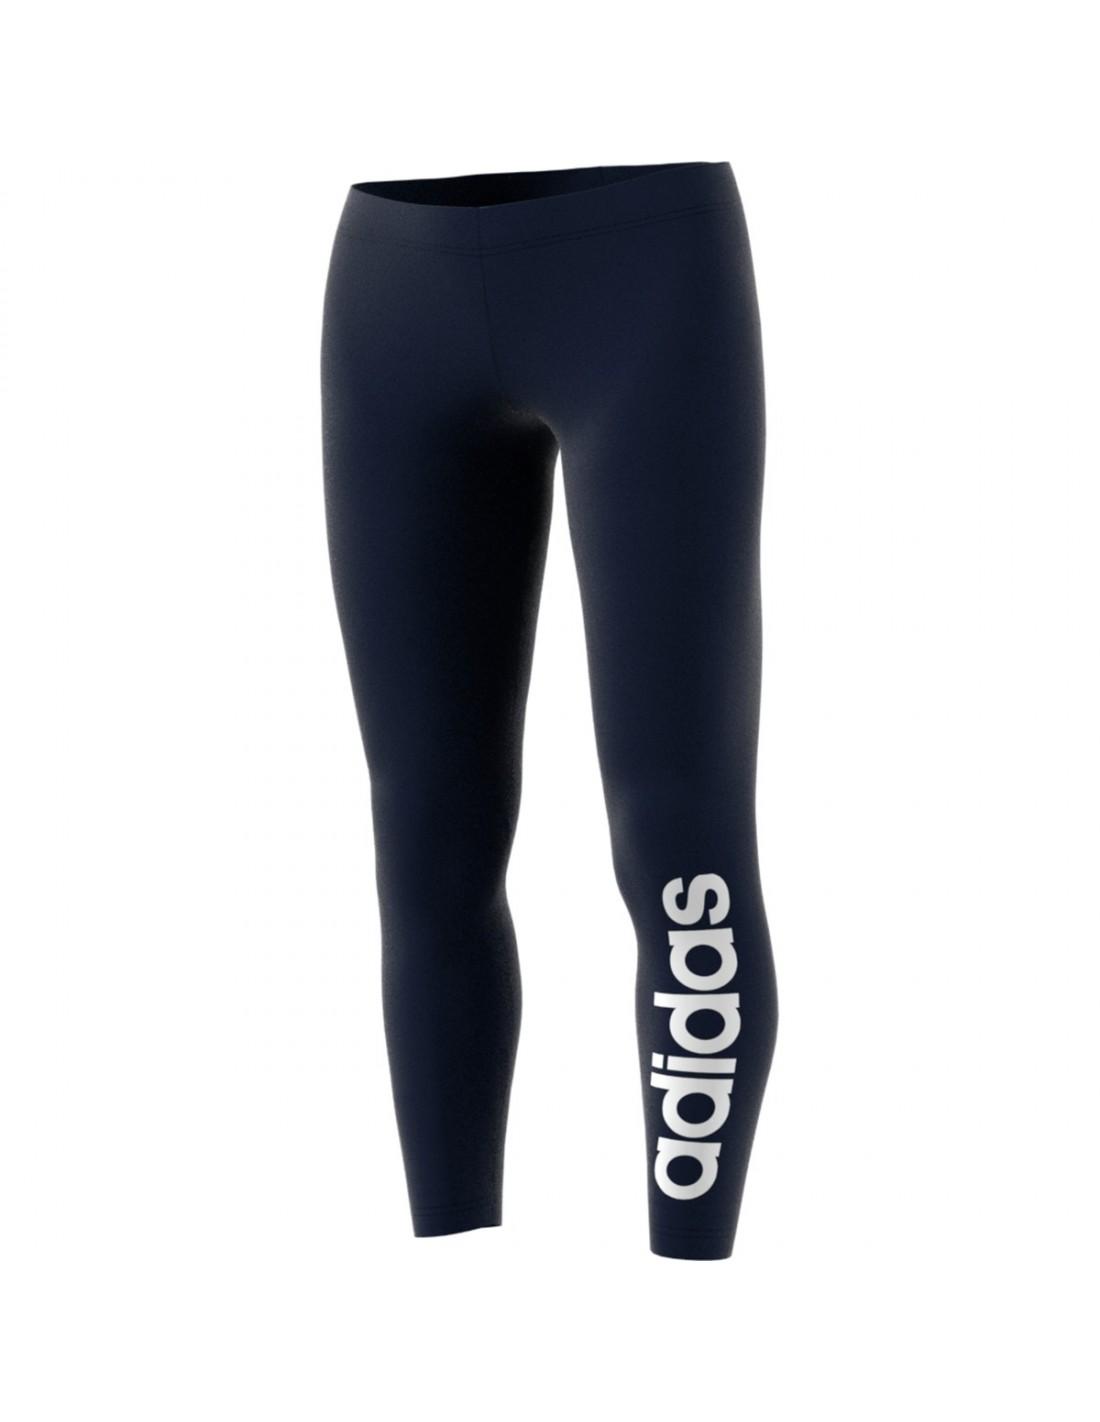 Treningstights Damer Adidas Womans Lin Tights DU0676 199 kr